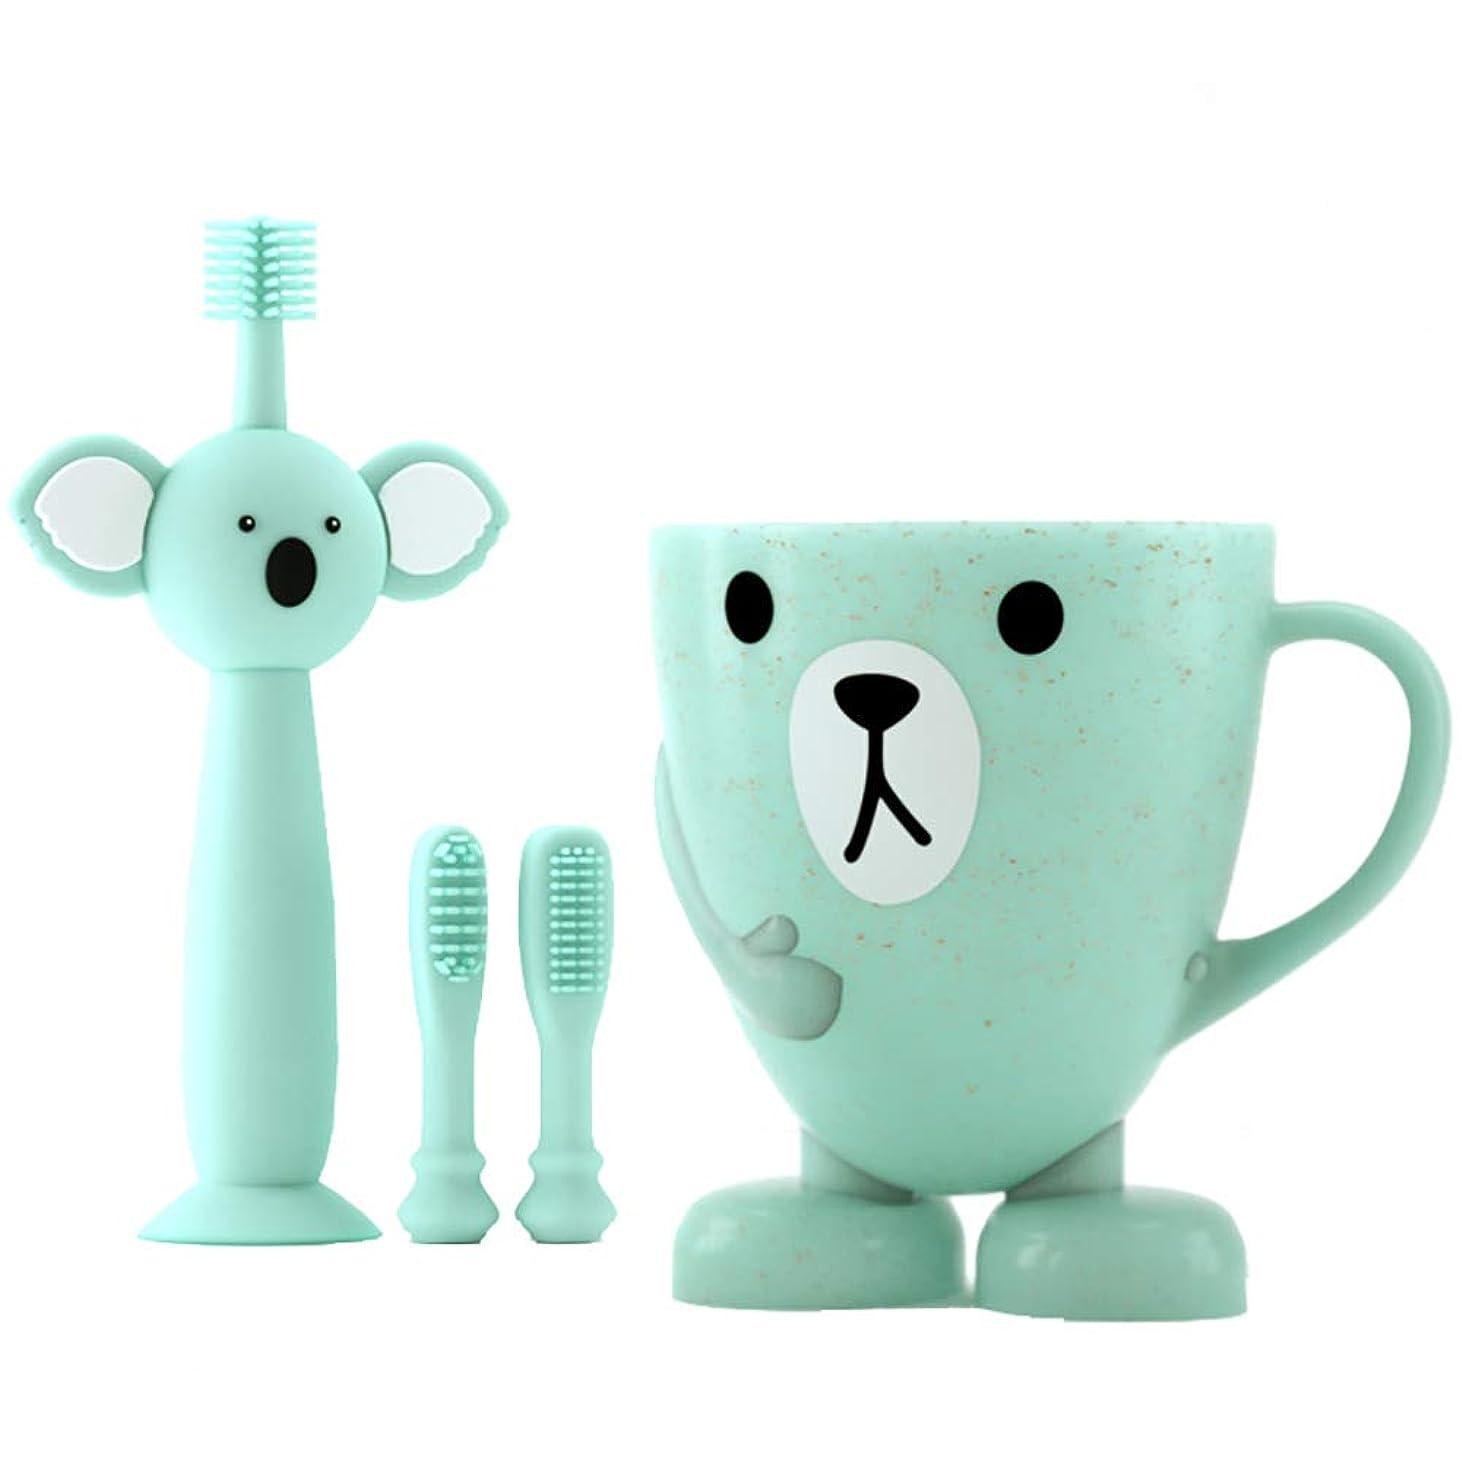 ビジョン活発エミュレートするLUDNEE 子供用歯ブラシ 男女兼用 柔らかい 乳歯を保護する ベビー歯ブラシ シリコン歯ブラシ 乳歯用ブラシ (ブルー)